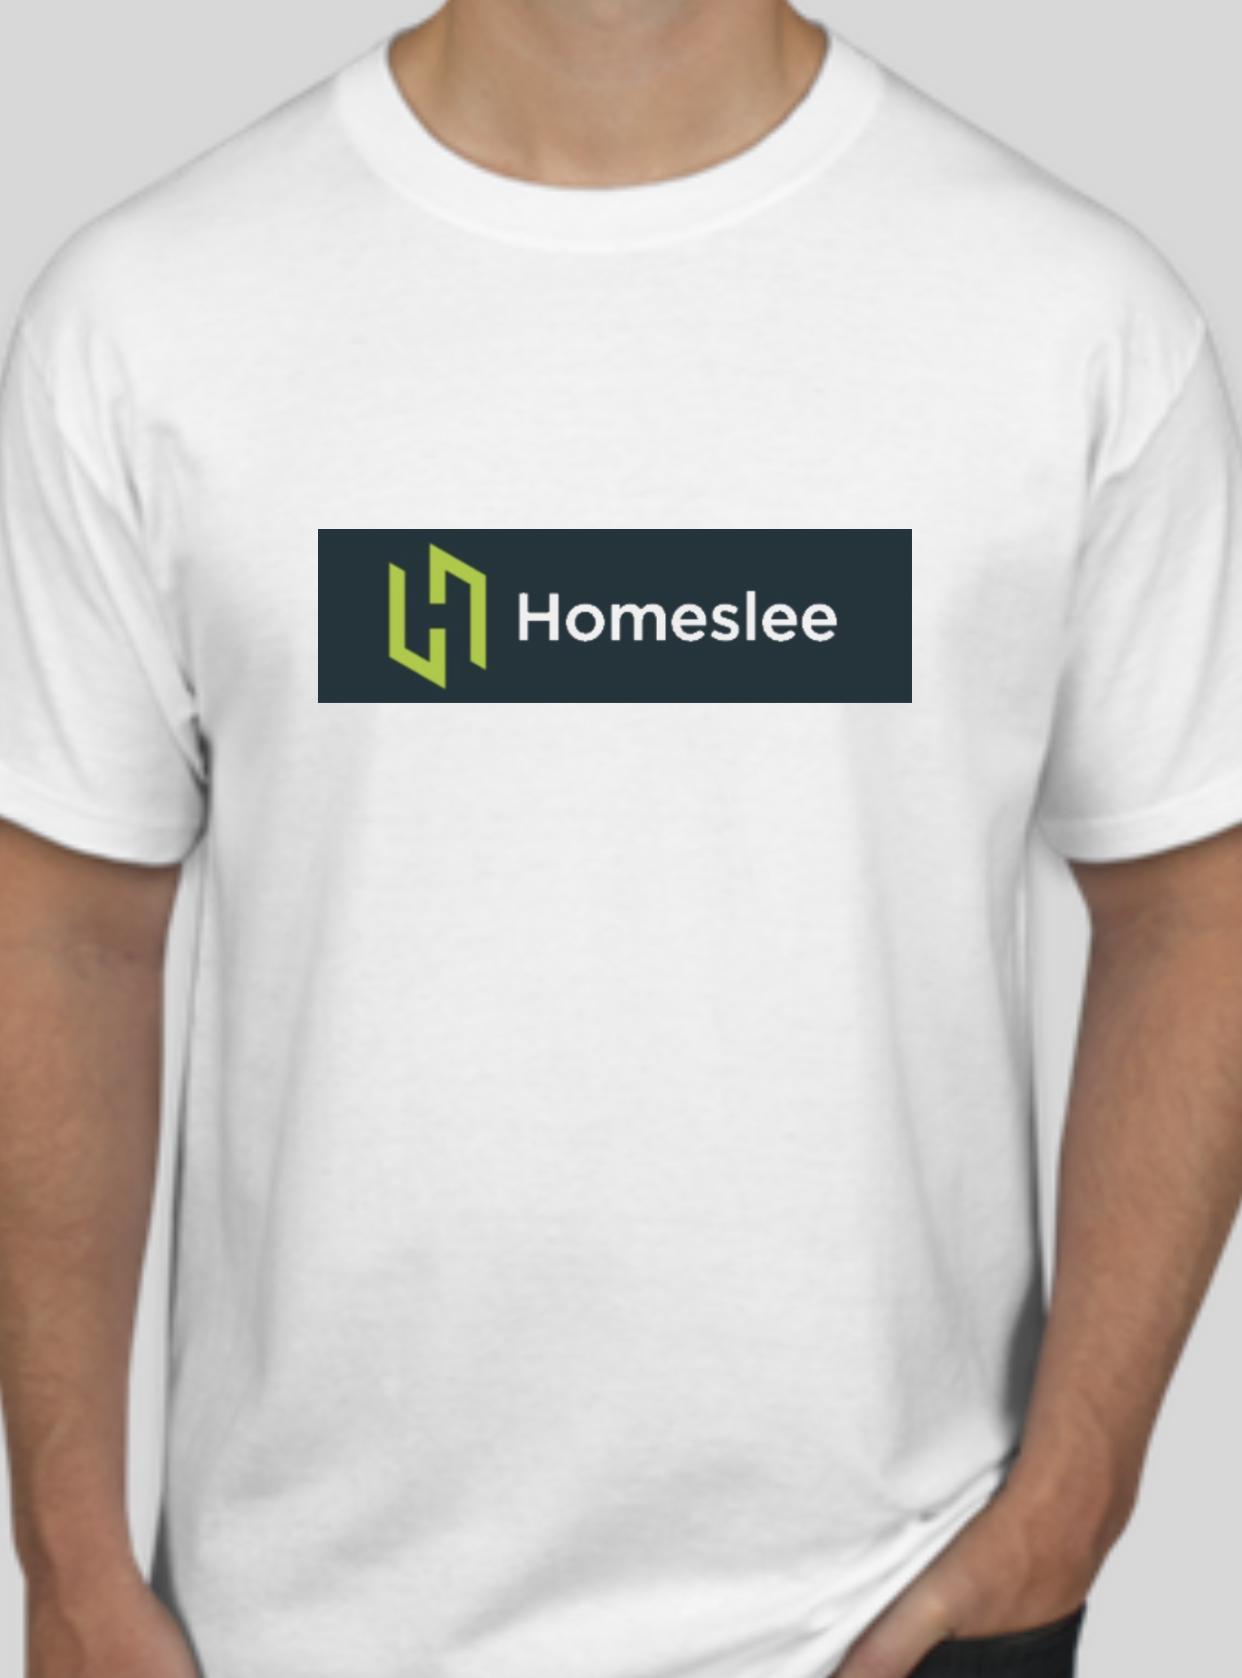 Latest company logo tee.